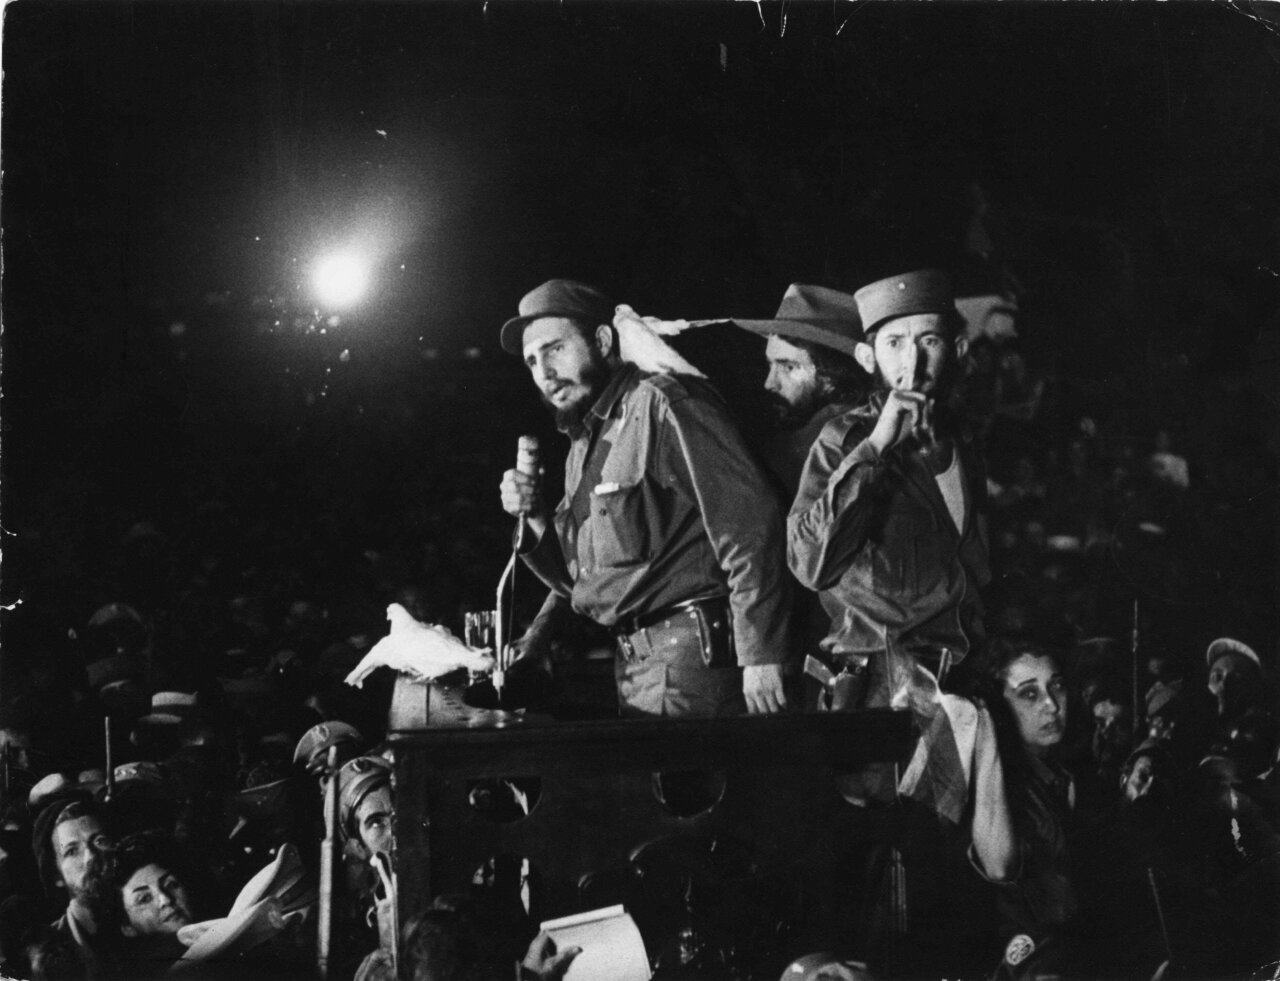 Fidel Castro speaks to supporters, Jan. 8, 1959, in Cuba